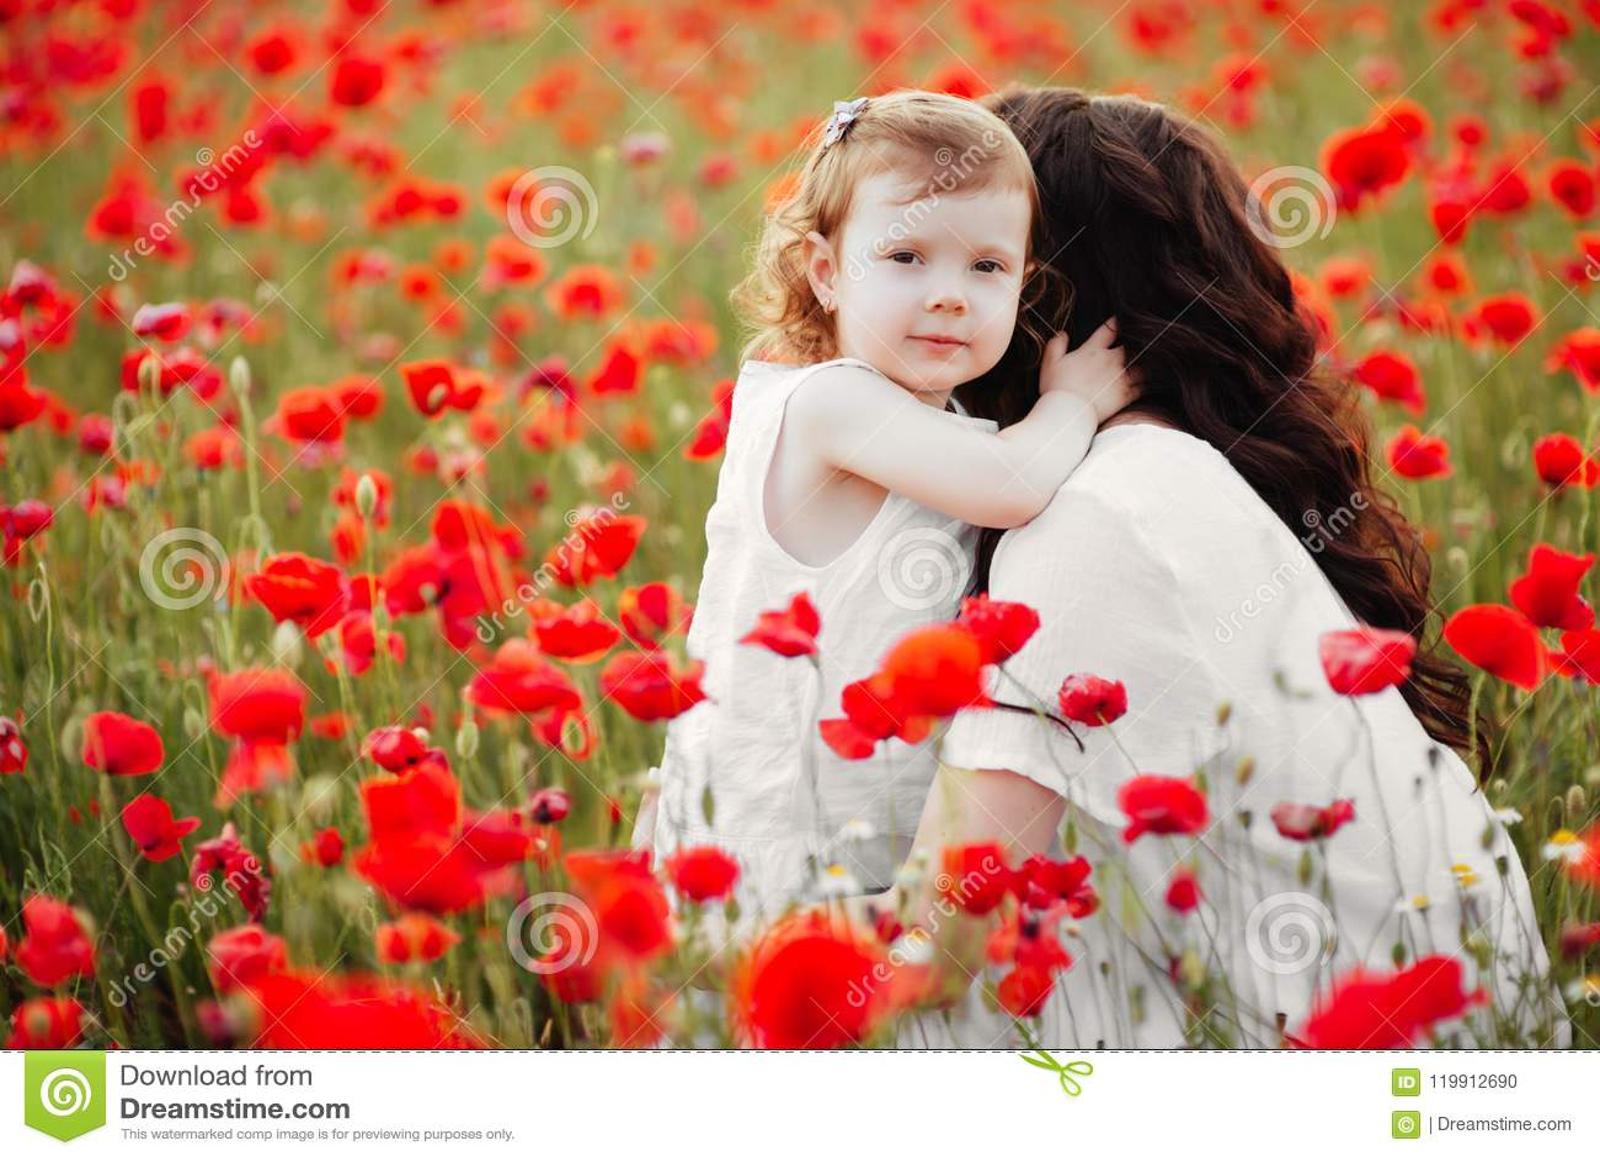 Matka i córka bawić się w kwiatu polu